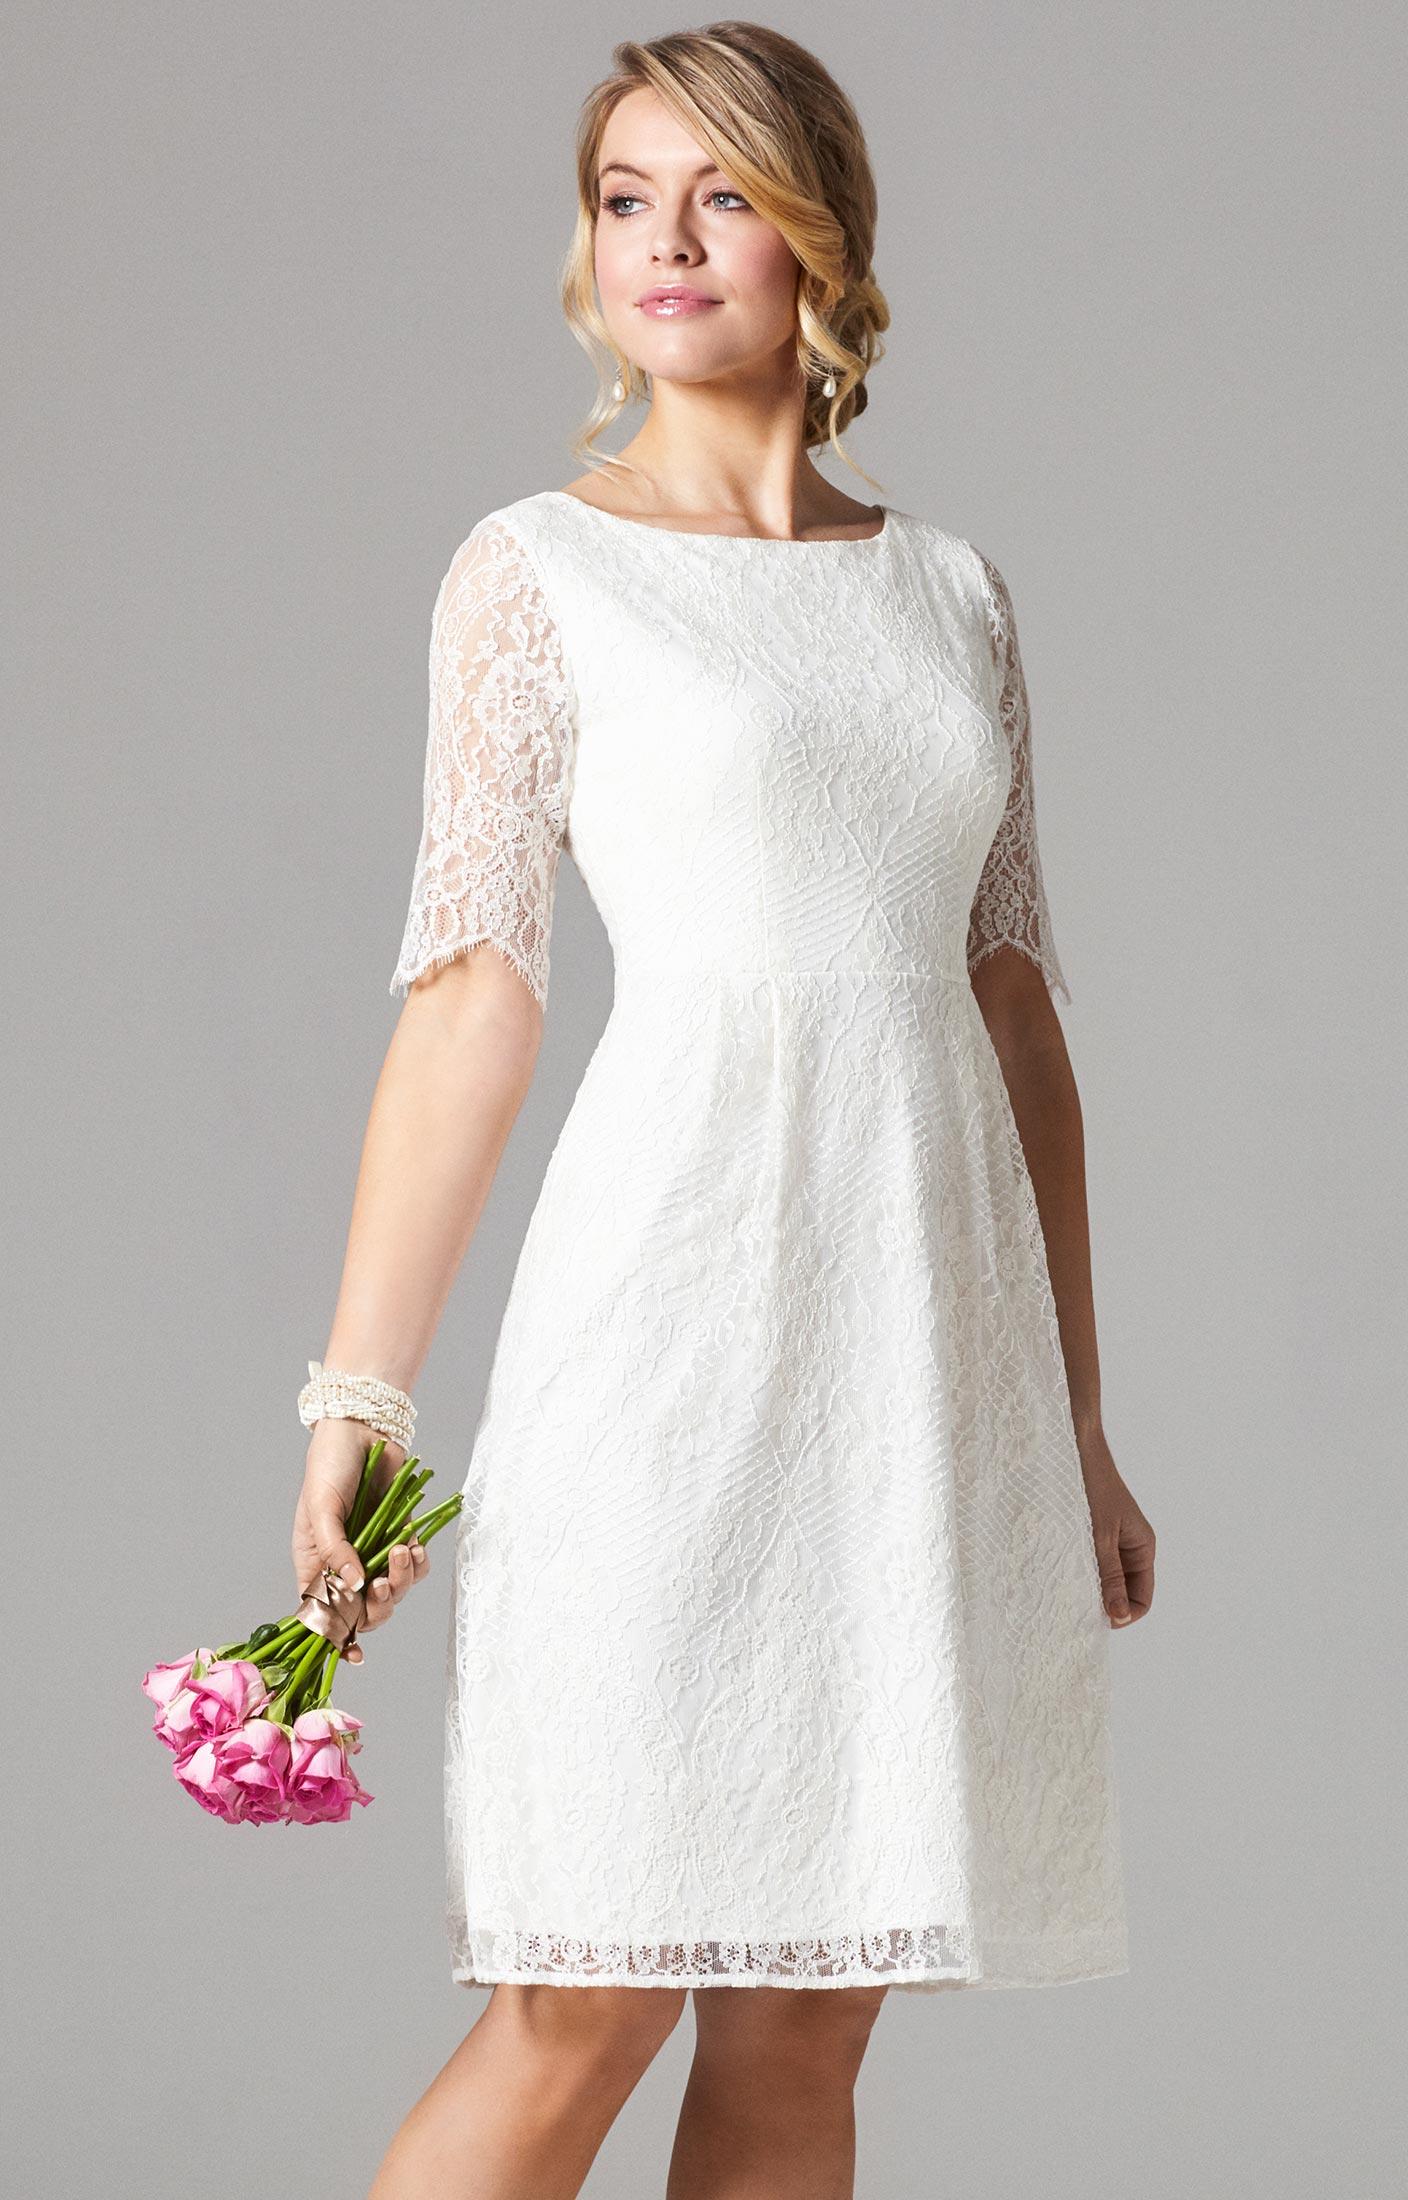 Ariana Kleid kurz in Elfenbein - Hochzeitskleider, Abendgarderobe ...